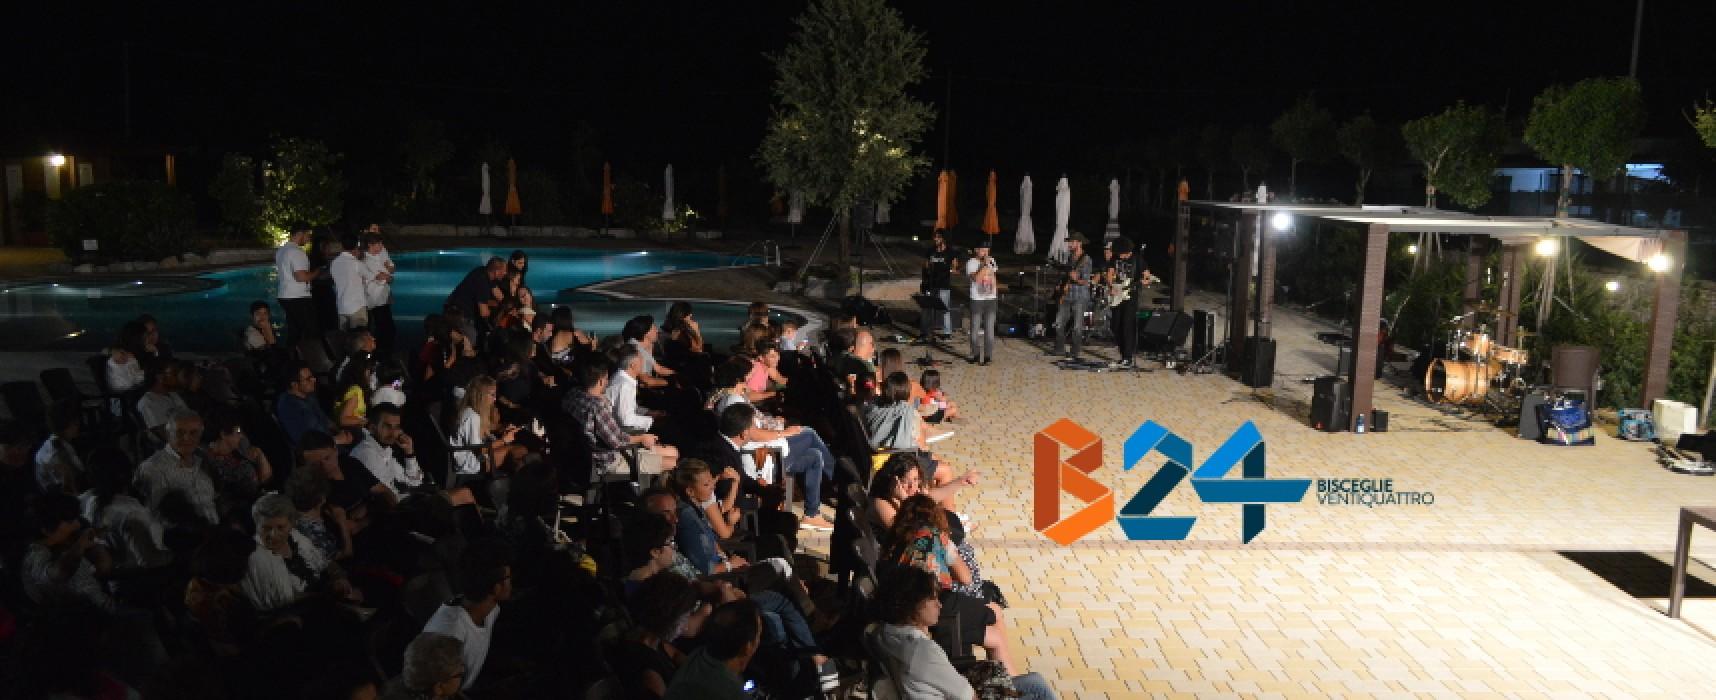 """Contest musicale per band emergenti a """"Brezza tra gli ulivi"""" / COME PARTECIPARE"""